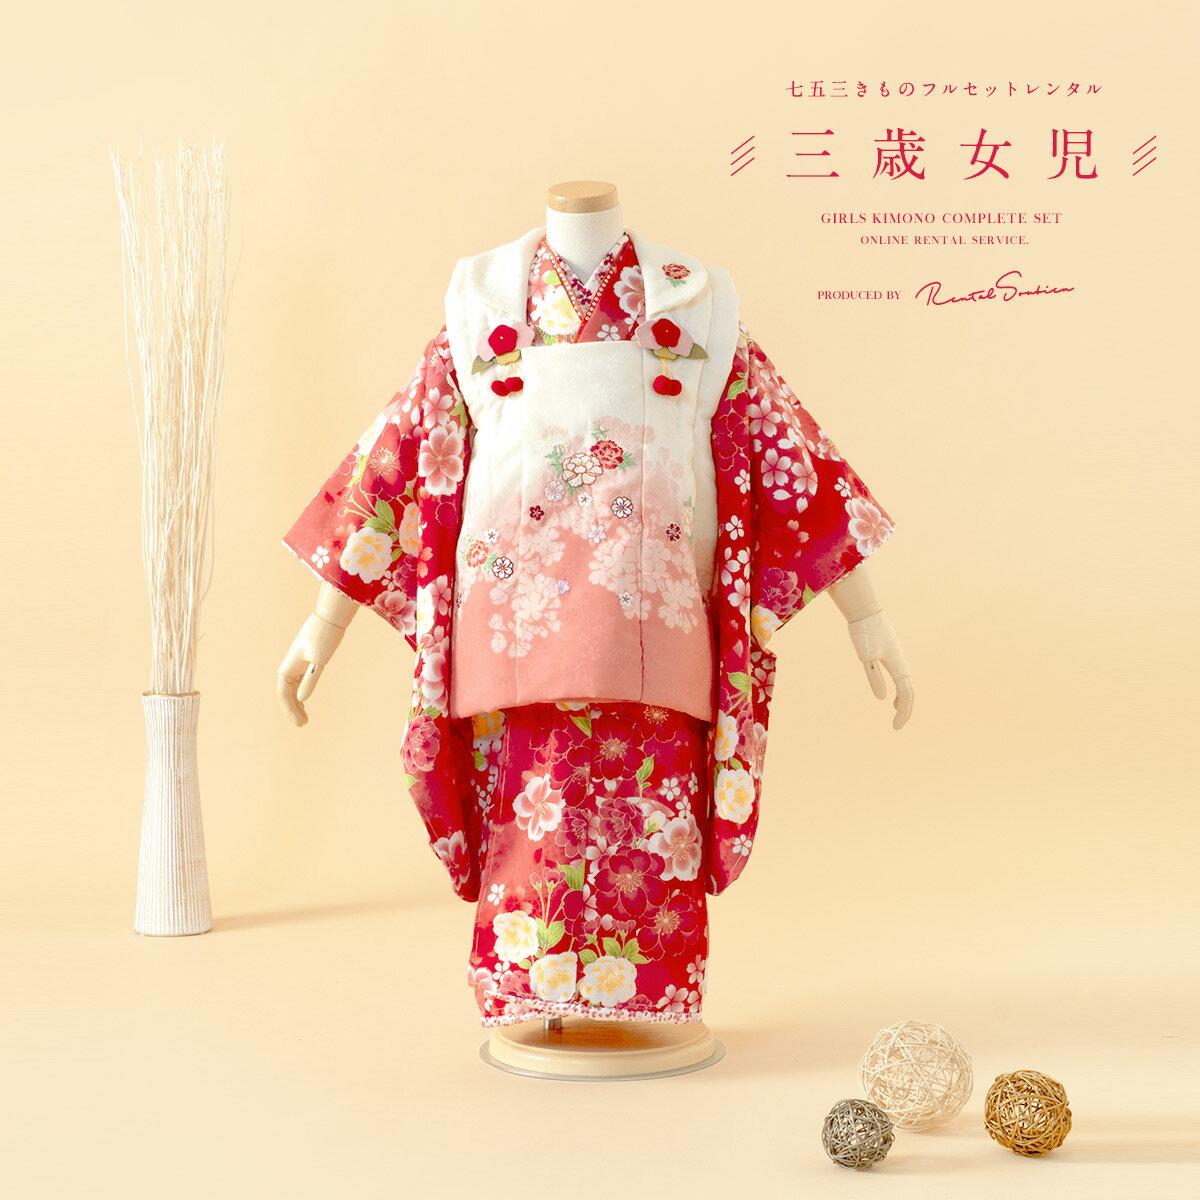 【レンタル】七五三 レンタル 3歳 着物セット 女の子 フルセット 被布セット 白 ホワイト ピンク 赤 桜尽くし さくらんぼ リョウコキクチ 被布着 きもの 和服 和装 女児 【往復送料無料】